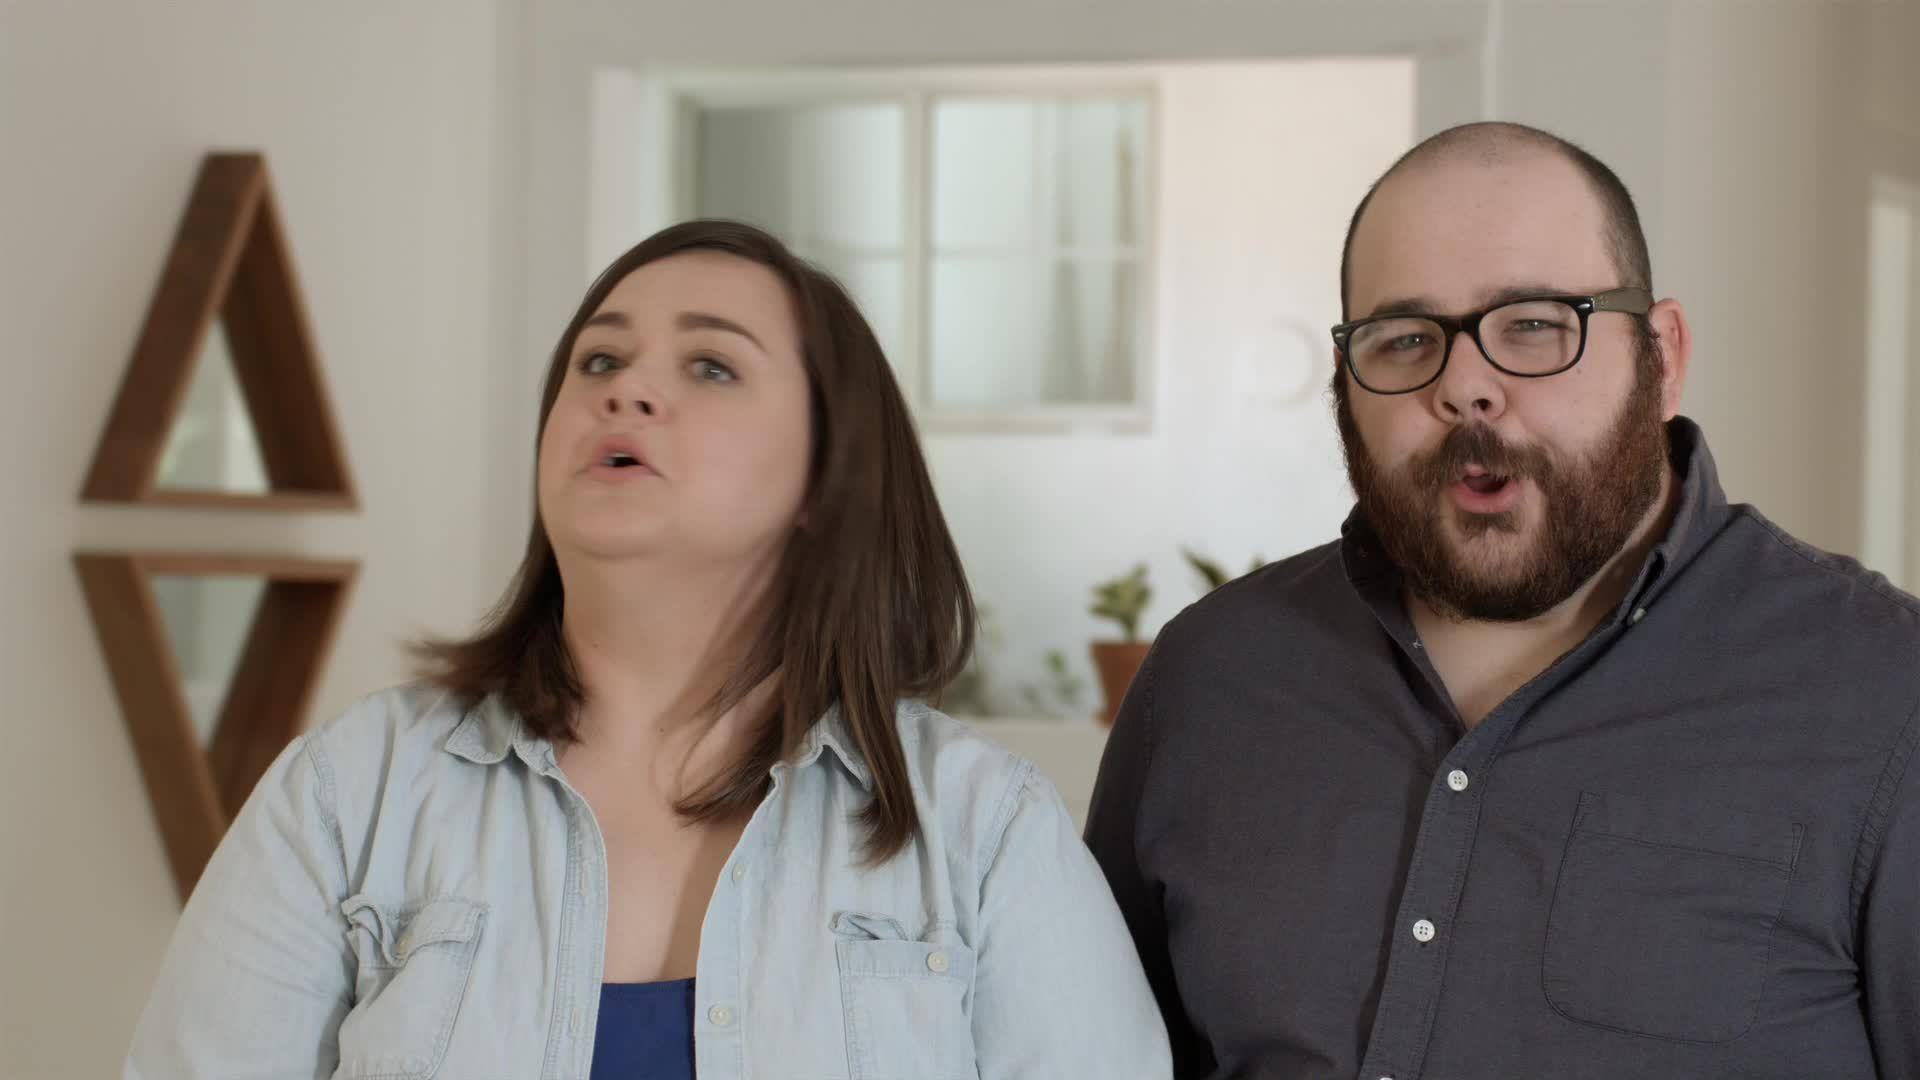 awkward, haha, laugh, Columbus - Nervous Laugh GIFs